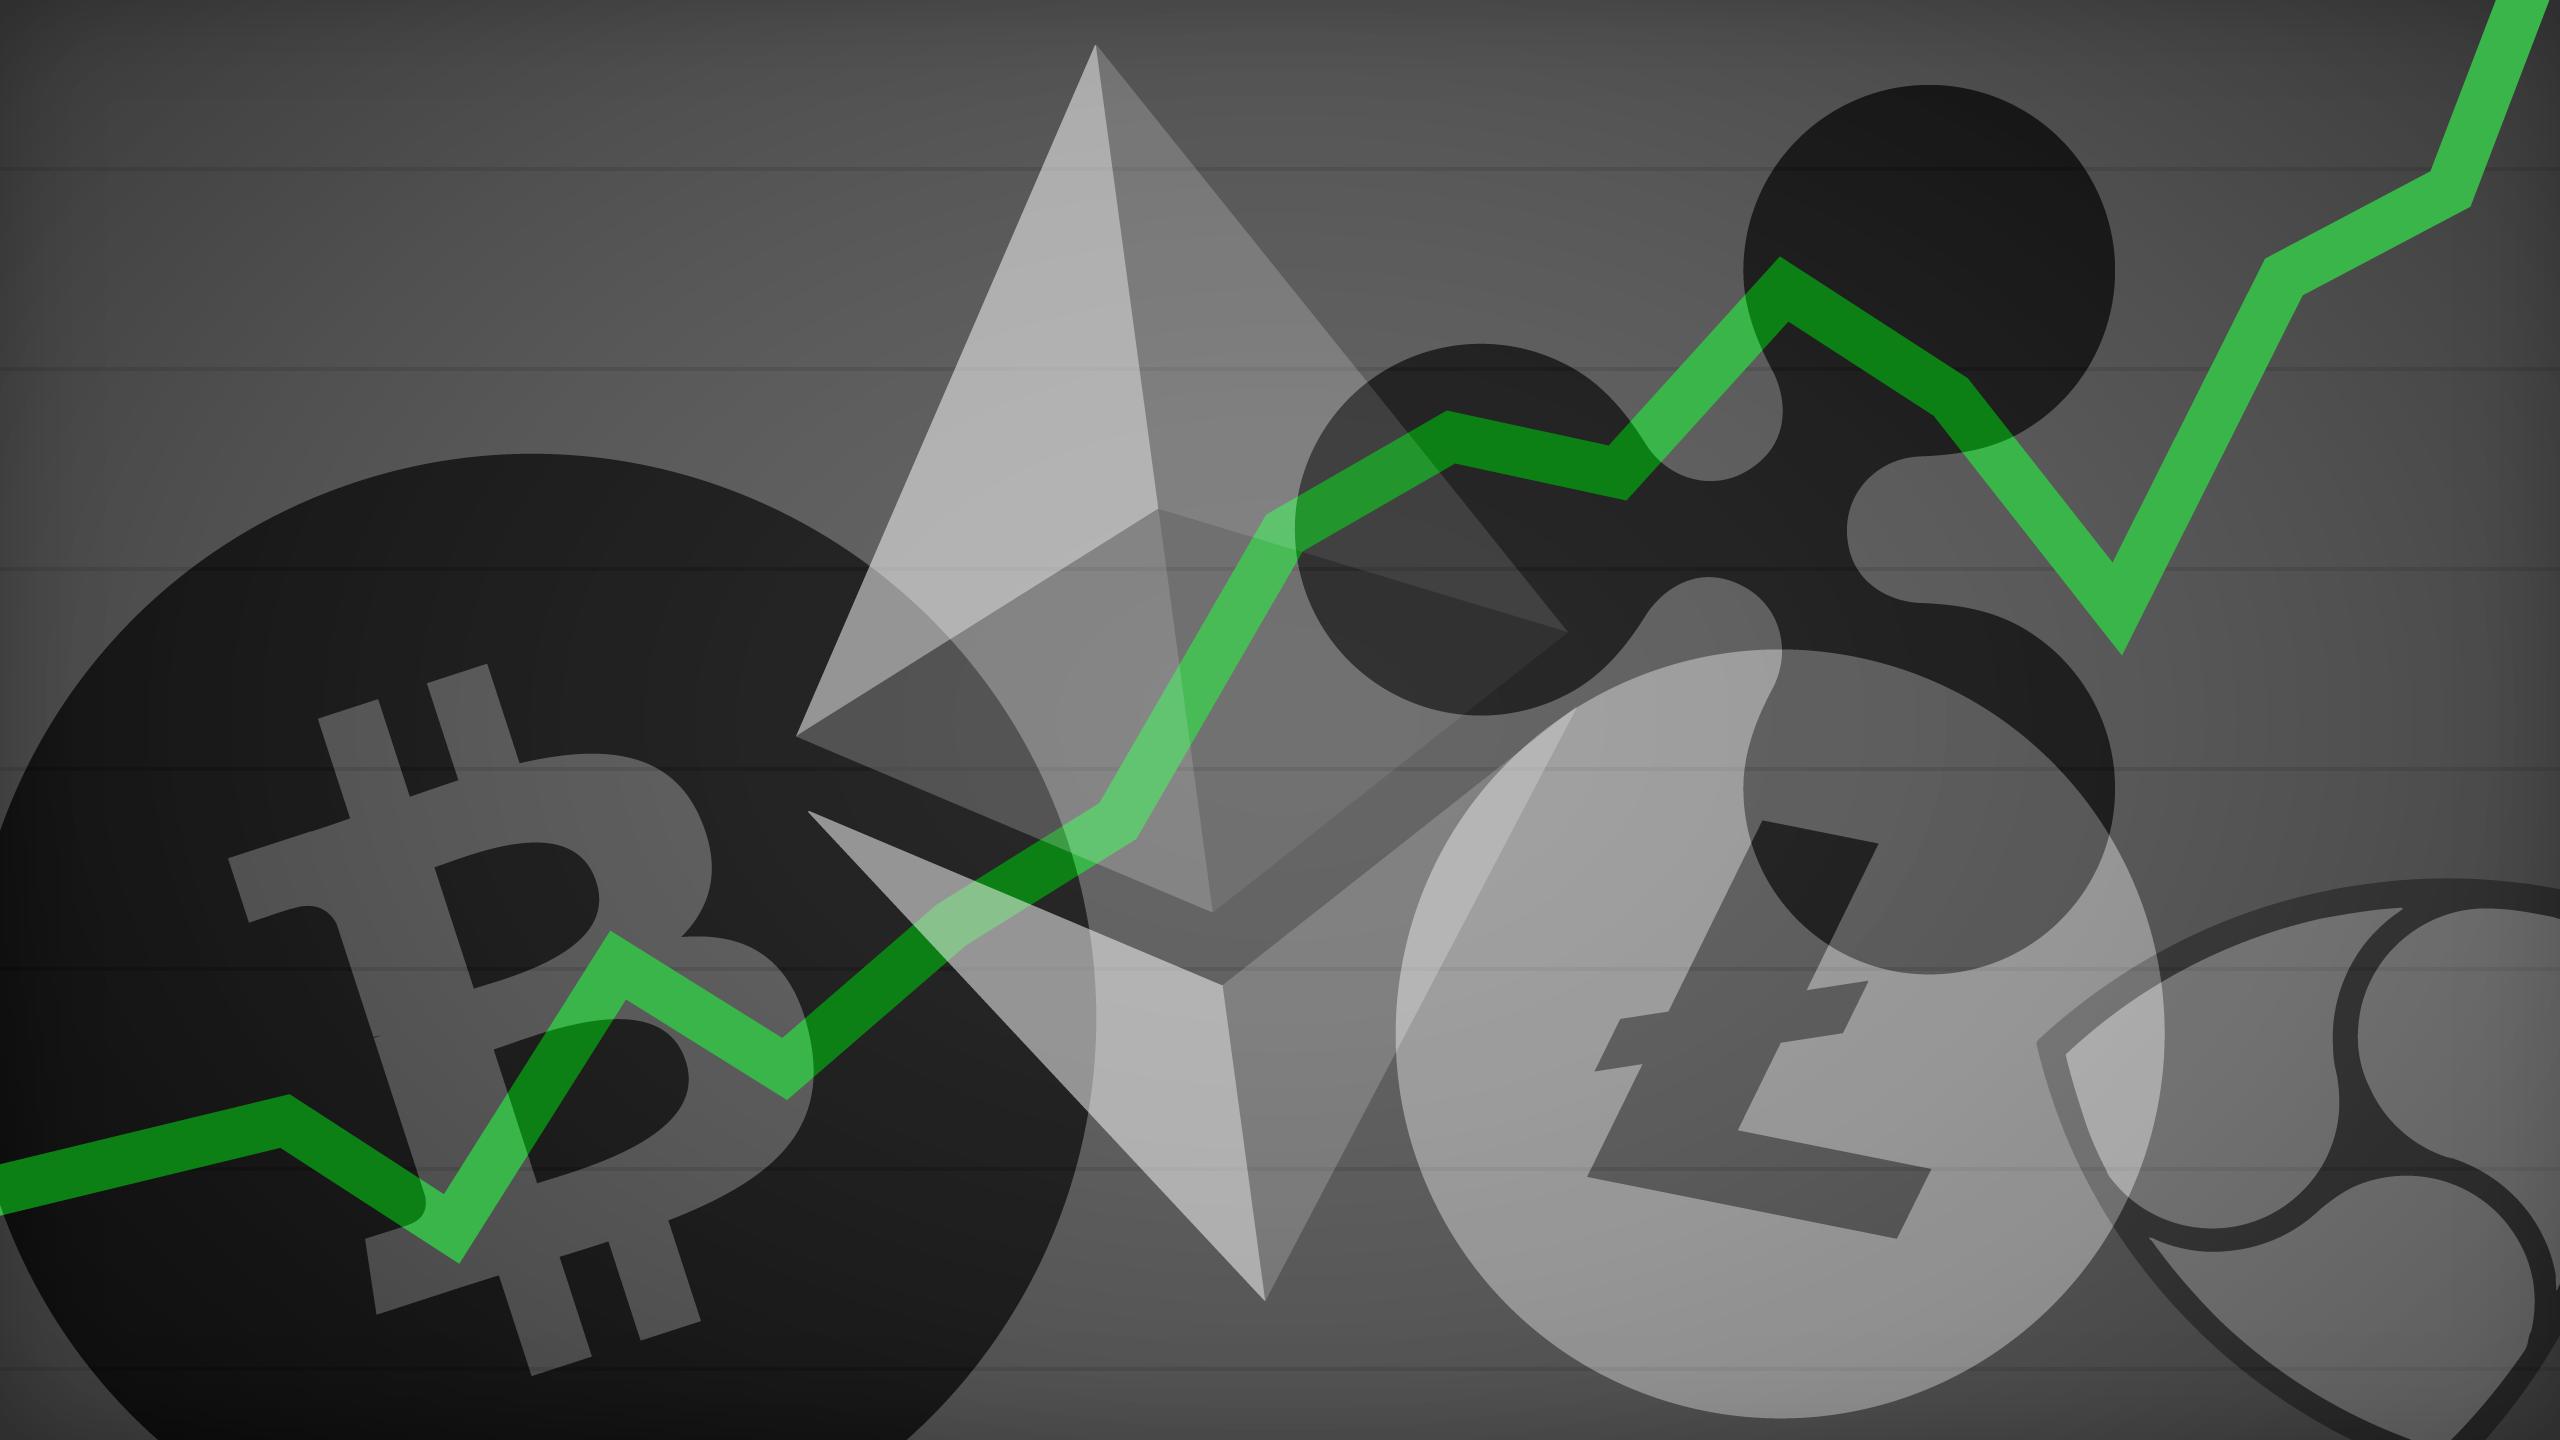 Криптовалюта без вложений как заработать на бинарных опционам без вложении